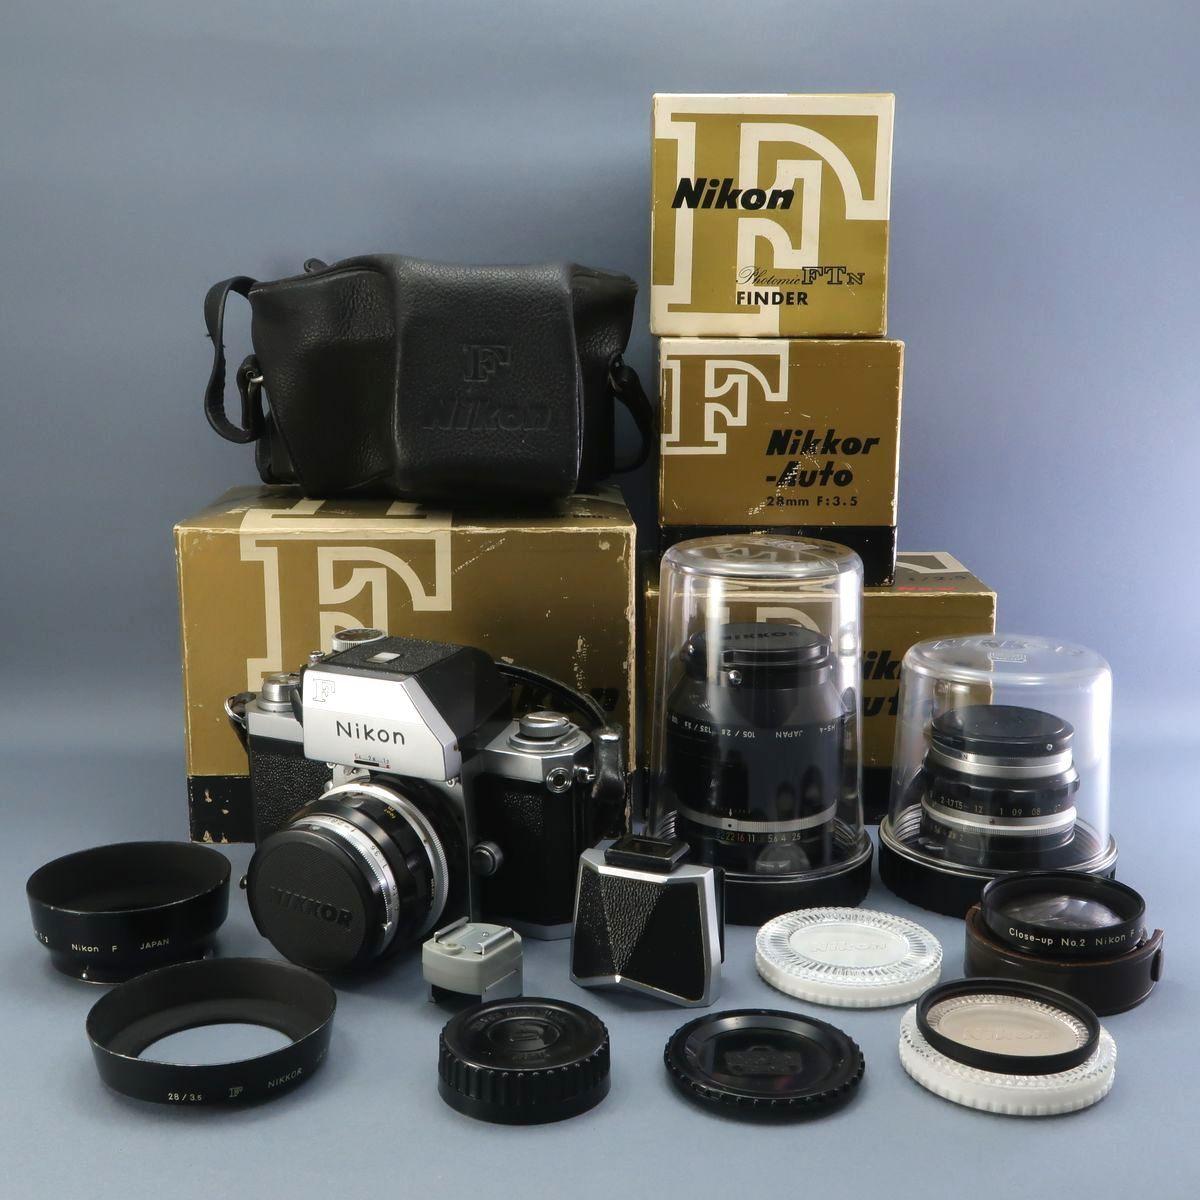 ★Nikon F フィルムカメラ 本体 レンズ Nikkor-Auto 105mm F 2.5 28mm F 3.5 NIKKOR-H Auto 1:3.5 f=2.8cm FTN 付属多数 ジャンク